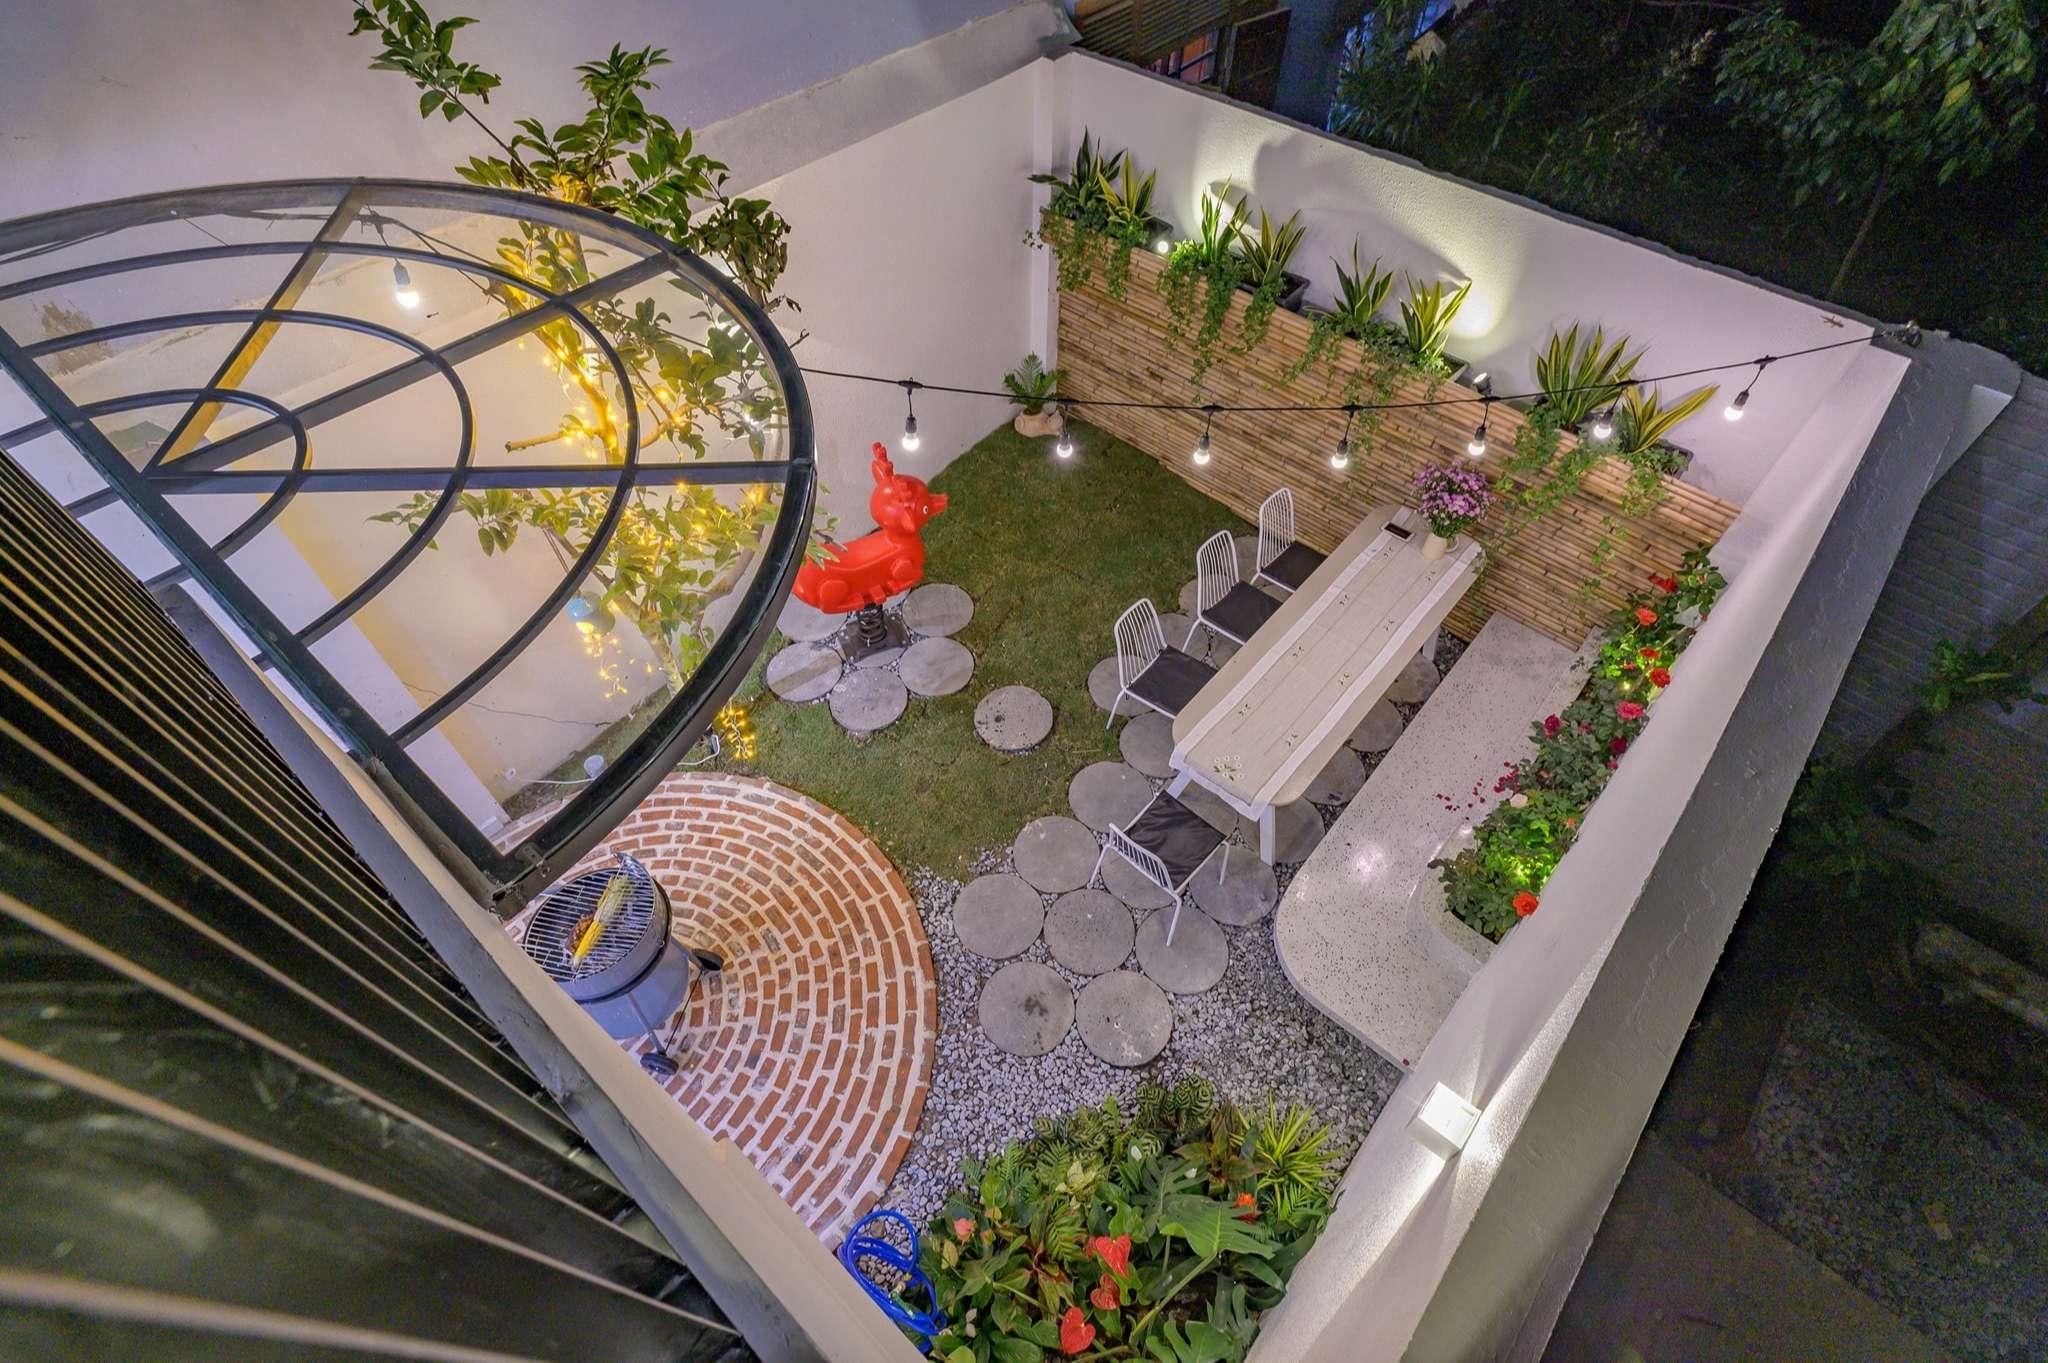 Khoảng sân vườn đáng mơ ước của ngôi nhà - 2